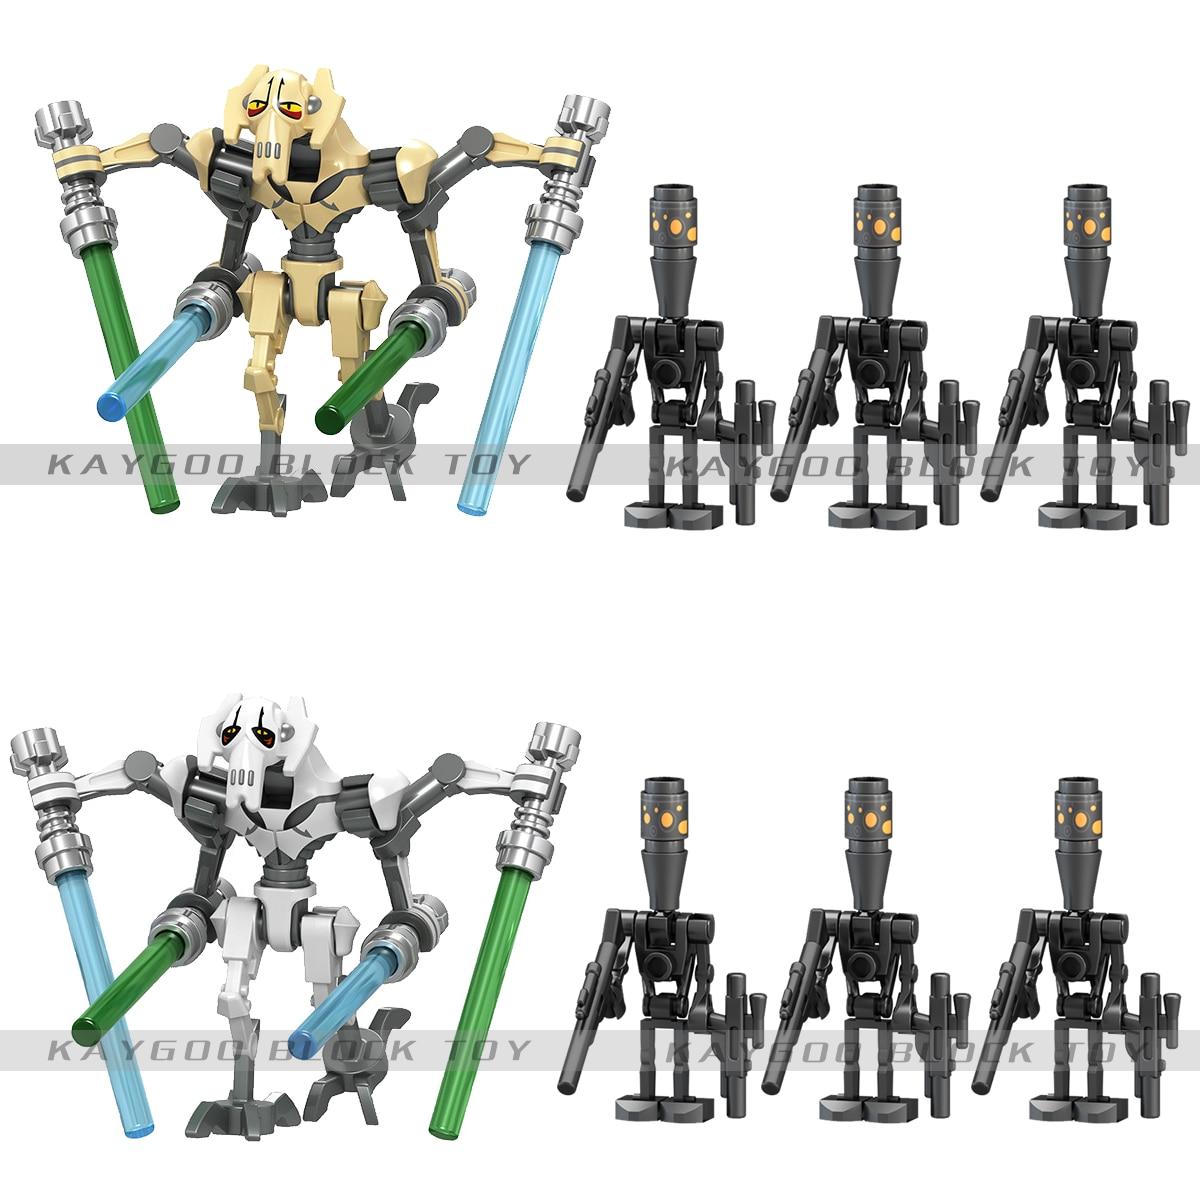 vente-unique-star-space-wars-general-graves-figures-modeles-blocs-de-construction-brique-modele-ensemble-jouets-pour-enfants-cadeau-de-noel